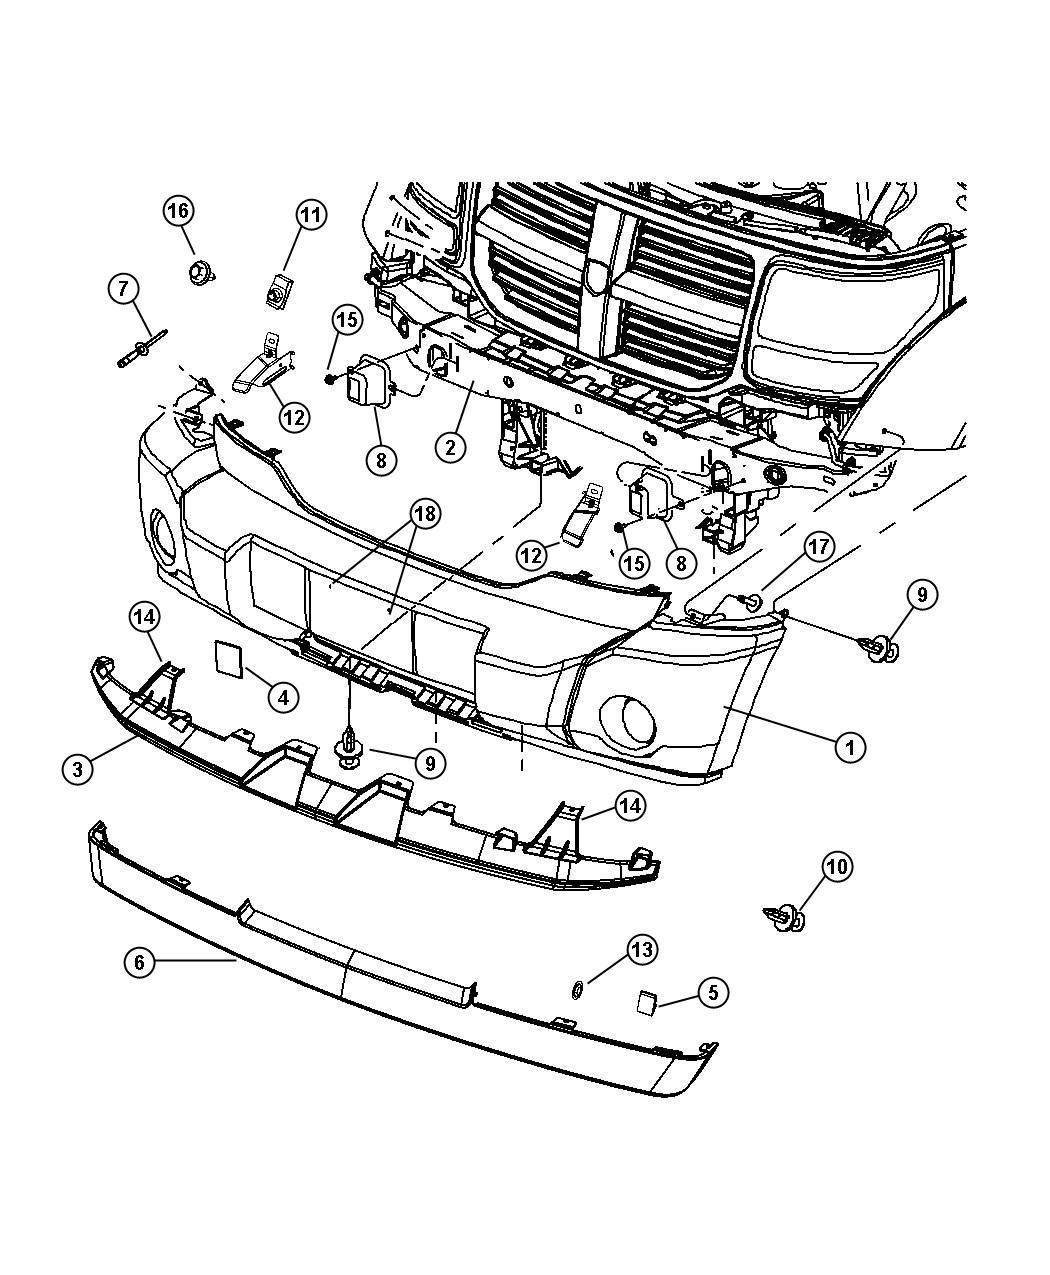 Dodge Nitro Air Dam Export Mlafog Lamp Port